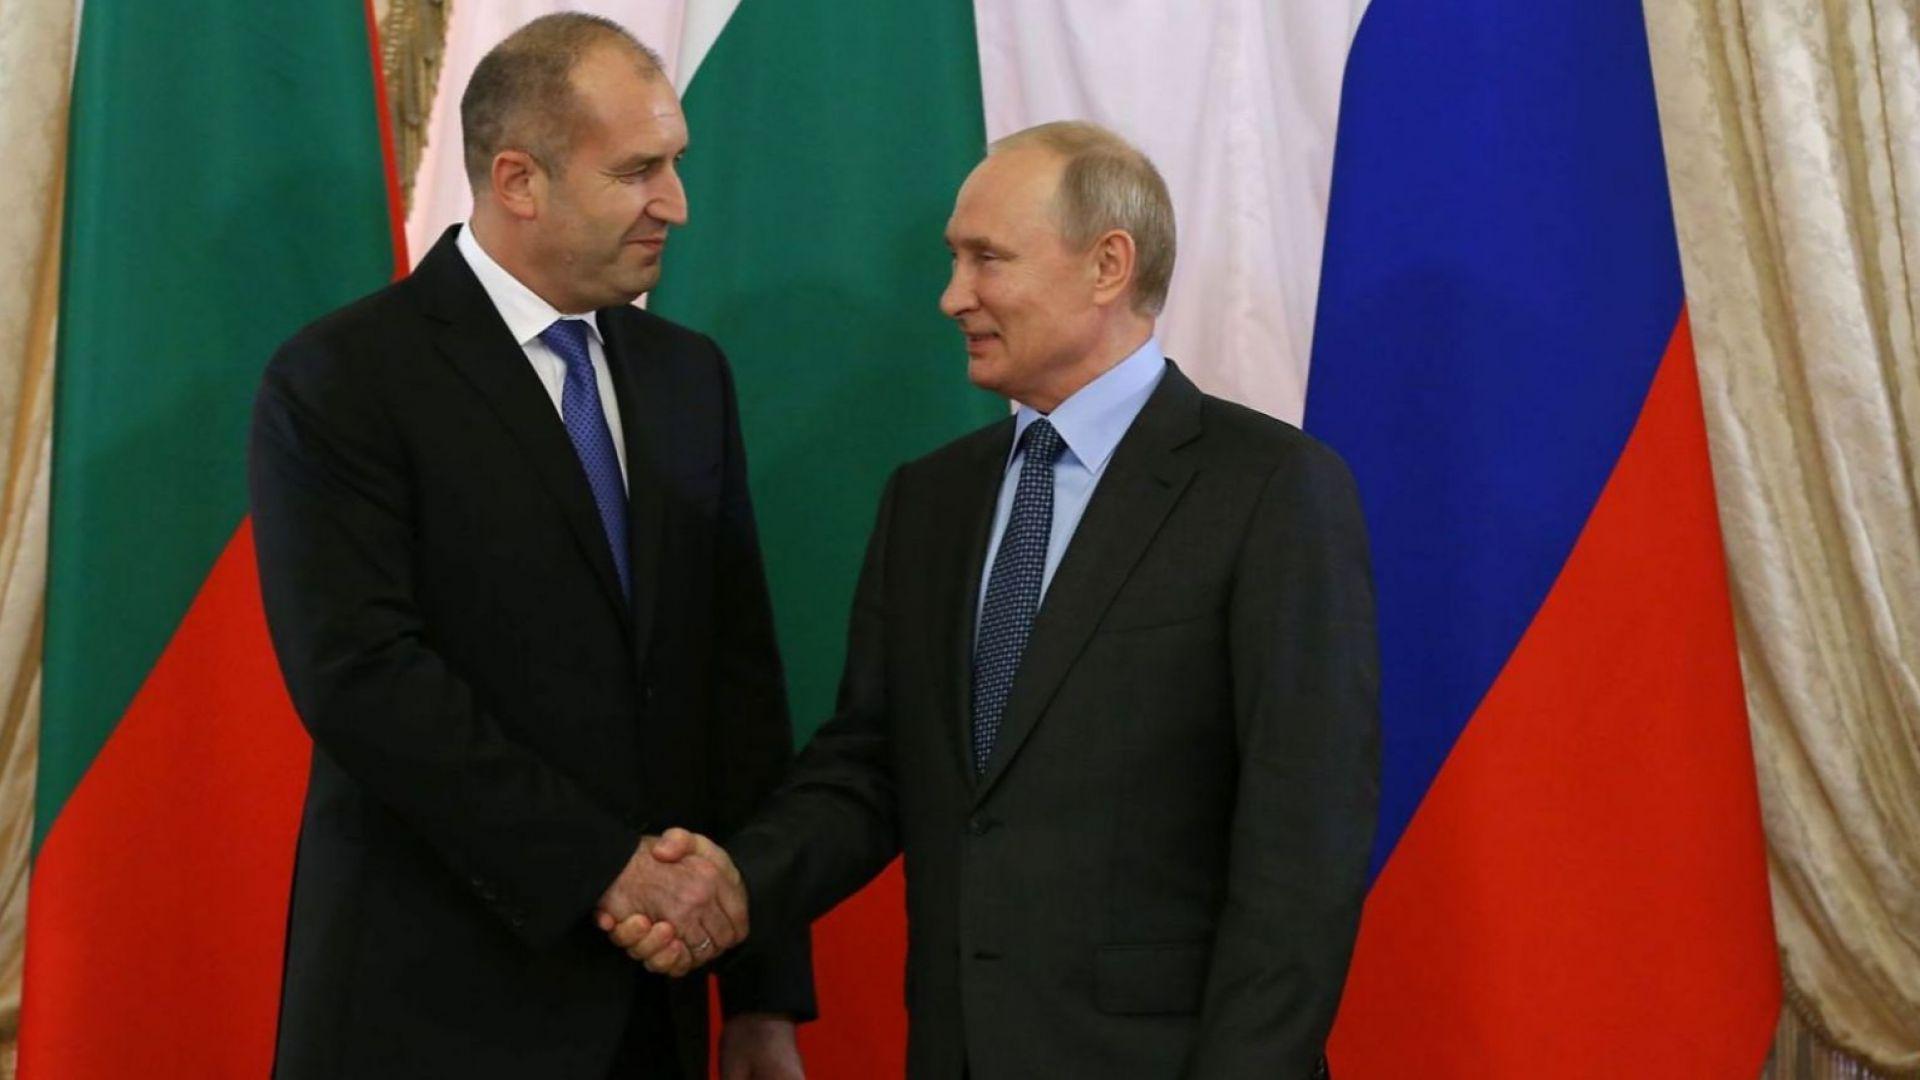 Румен Радев при второто си посещение в Русия тази година се срещна с президента Владимир Путин